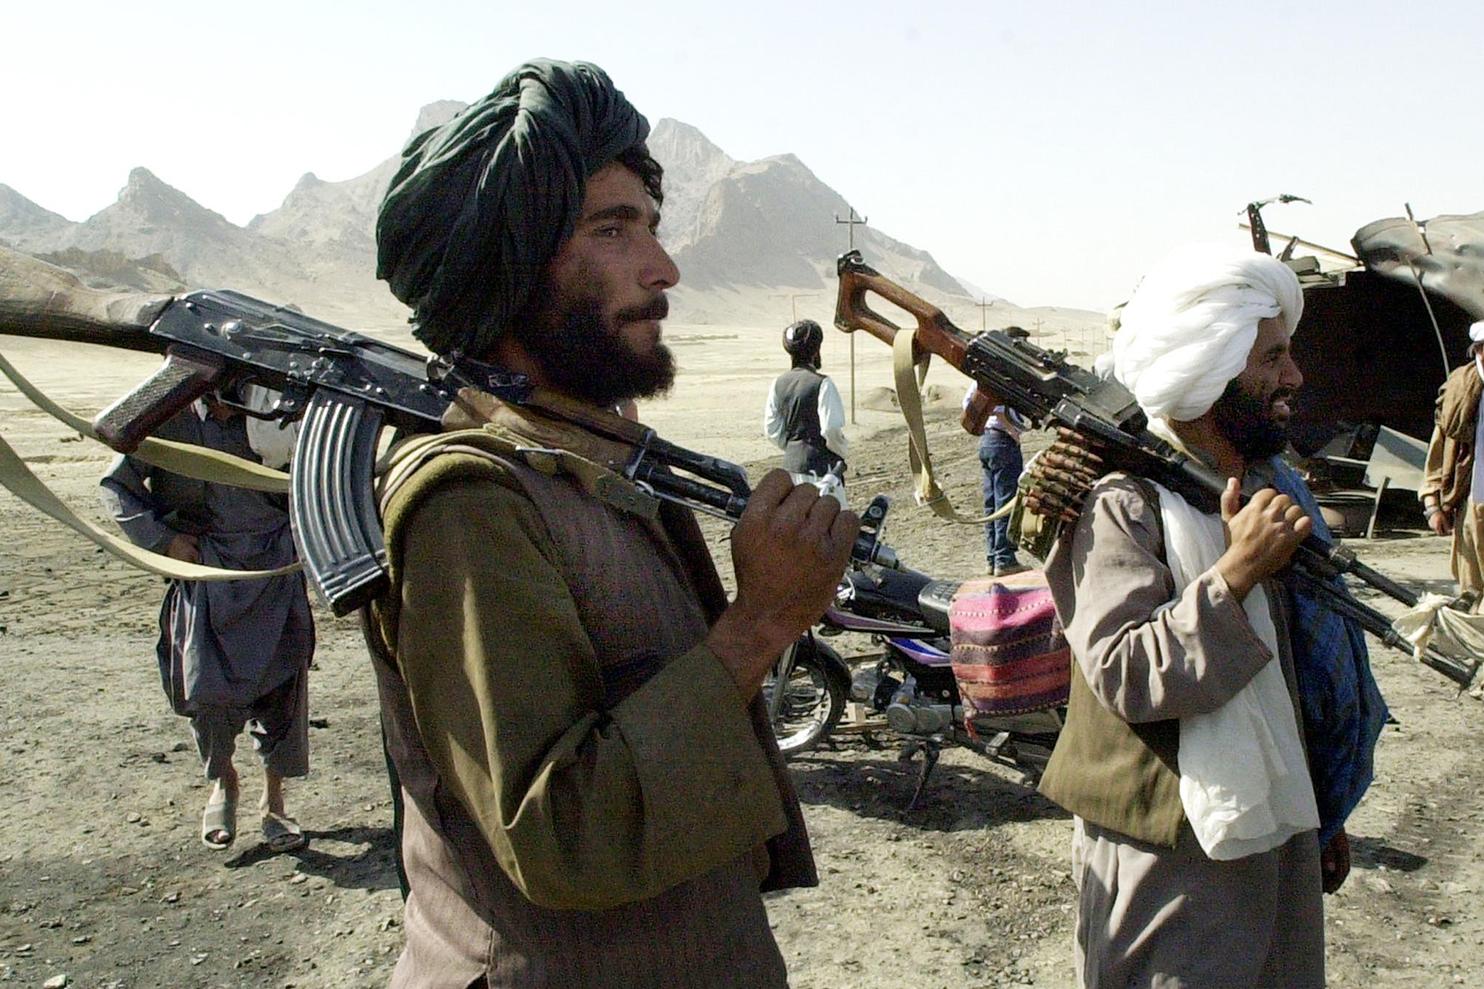 Taliban gunmen retain control of Kandahar-Herat Highway.